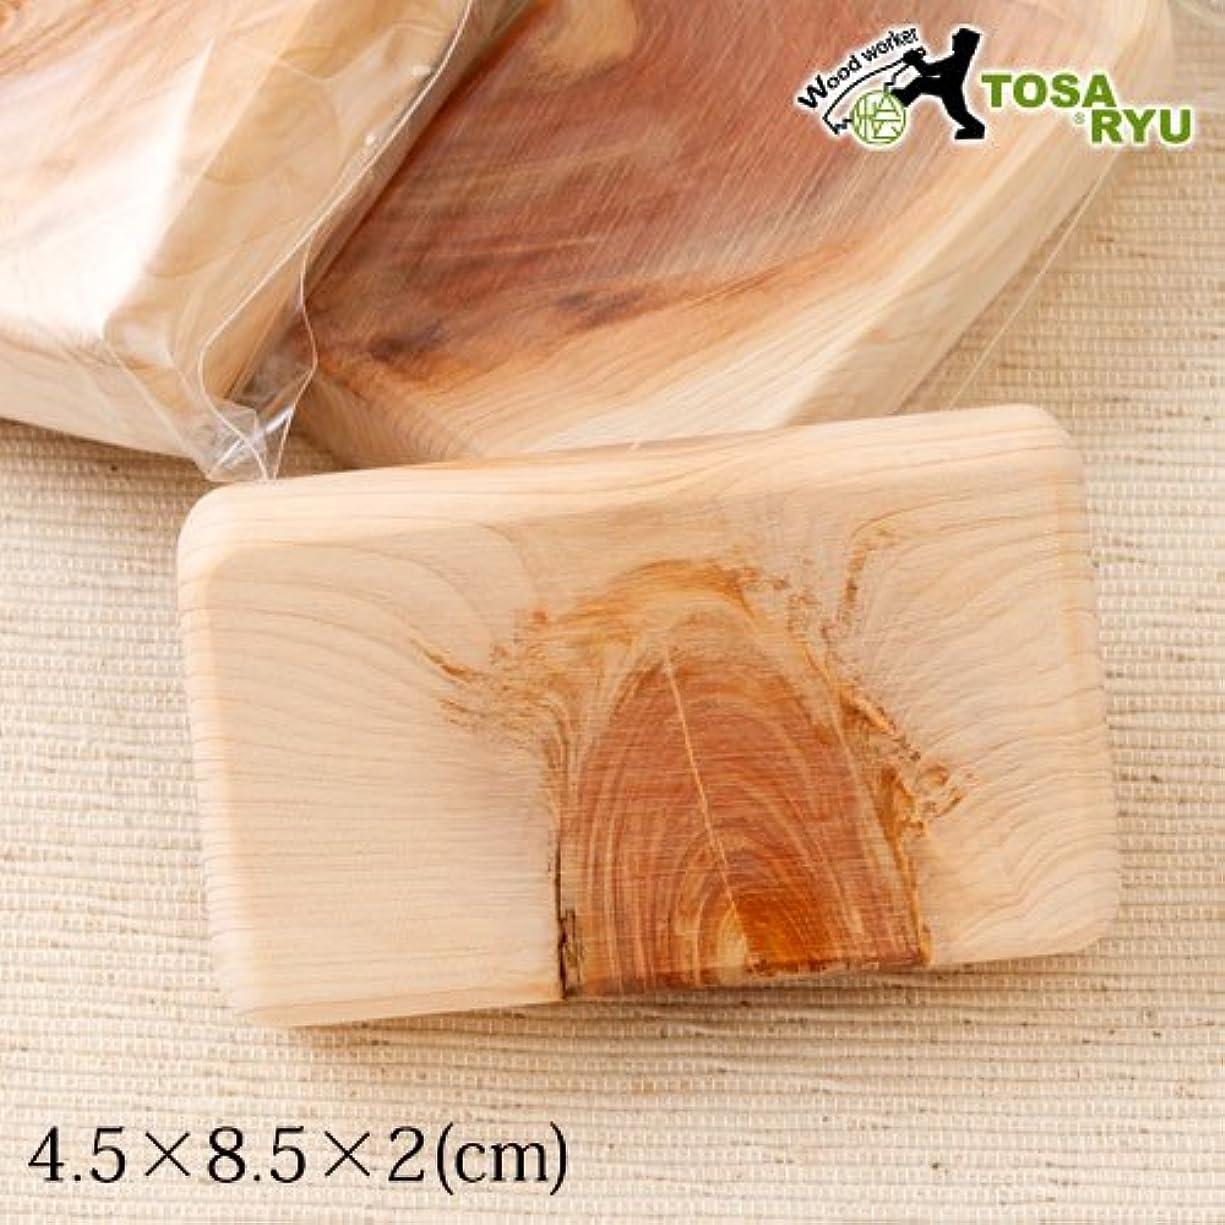 コジオスコ緩むコジオスコ土佐龍アロマブロック(1個)高知県の工芸品Aroma massager of cypress, Kochi craft